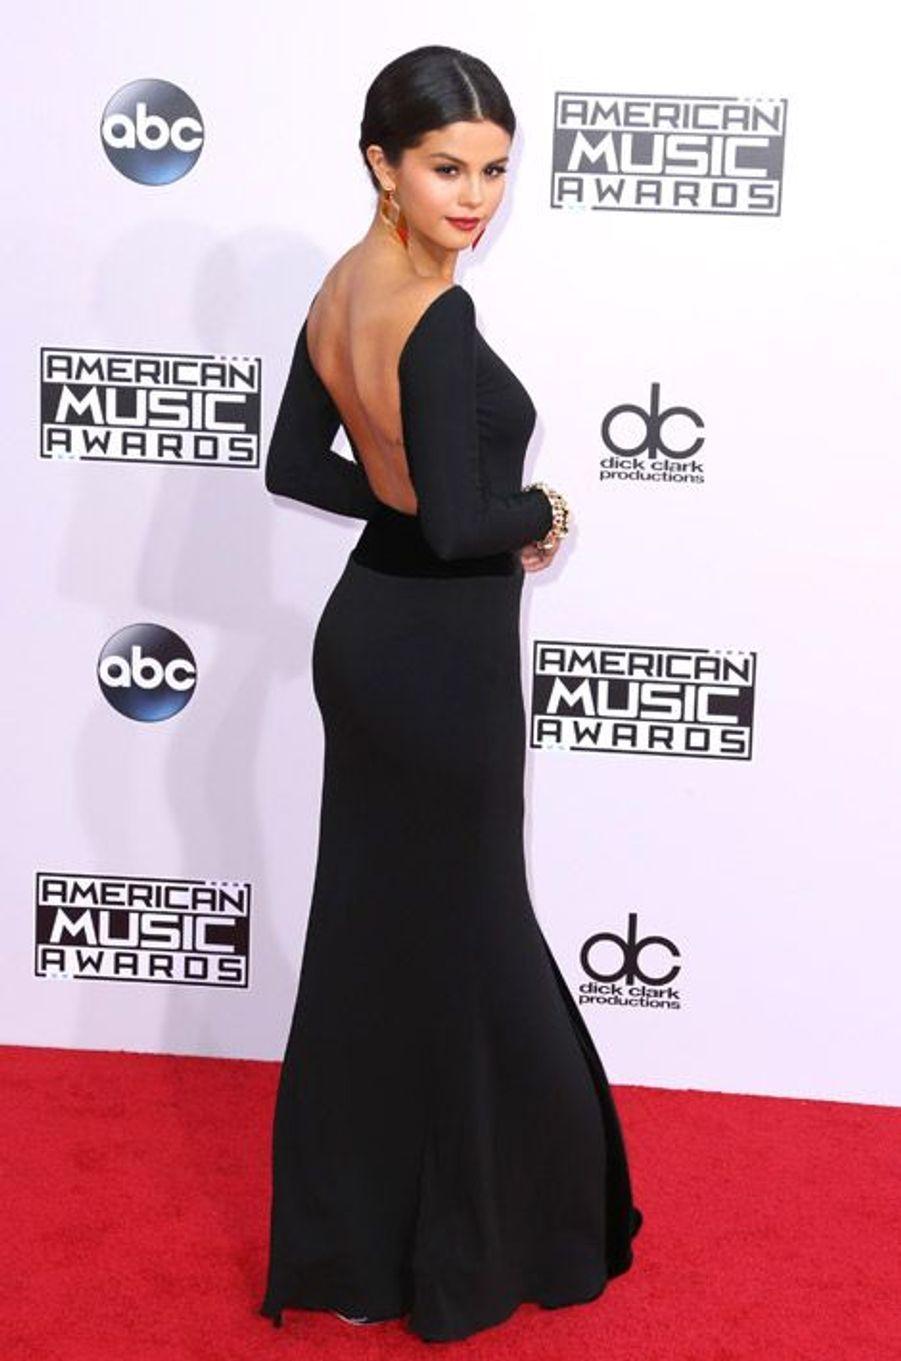 La chanteuse Selena Gomez en Armani Privé lors de la cérémonie des American Music Awards à Los Angeles, le 23 novembre 2014